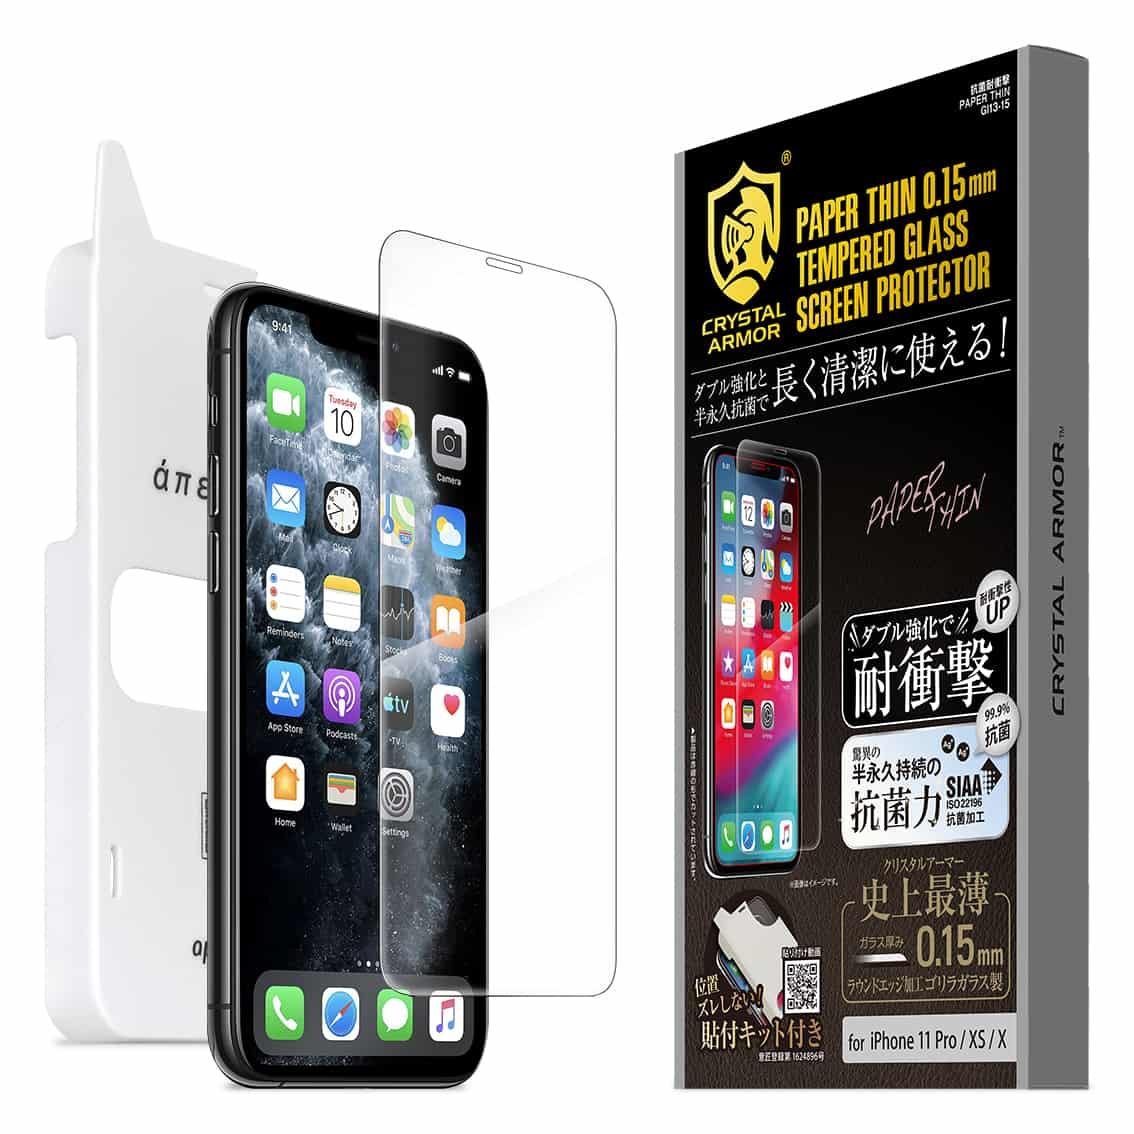 iPhone 11Pro / XS / X 強化ガラス 液晶保護 抗菌 耐衝撃 0.15mm